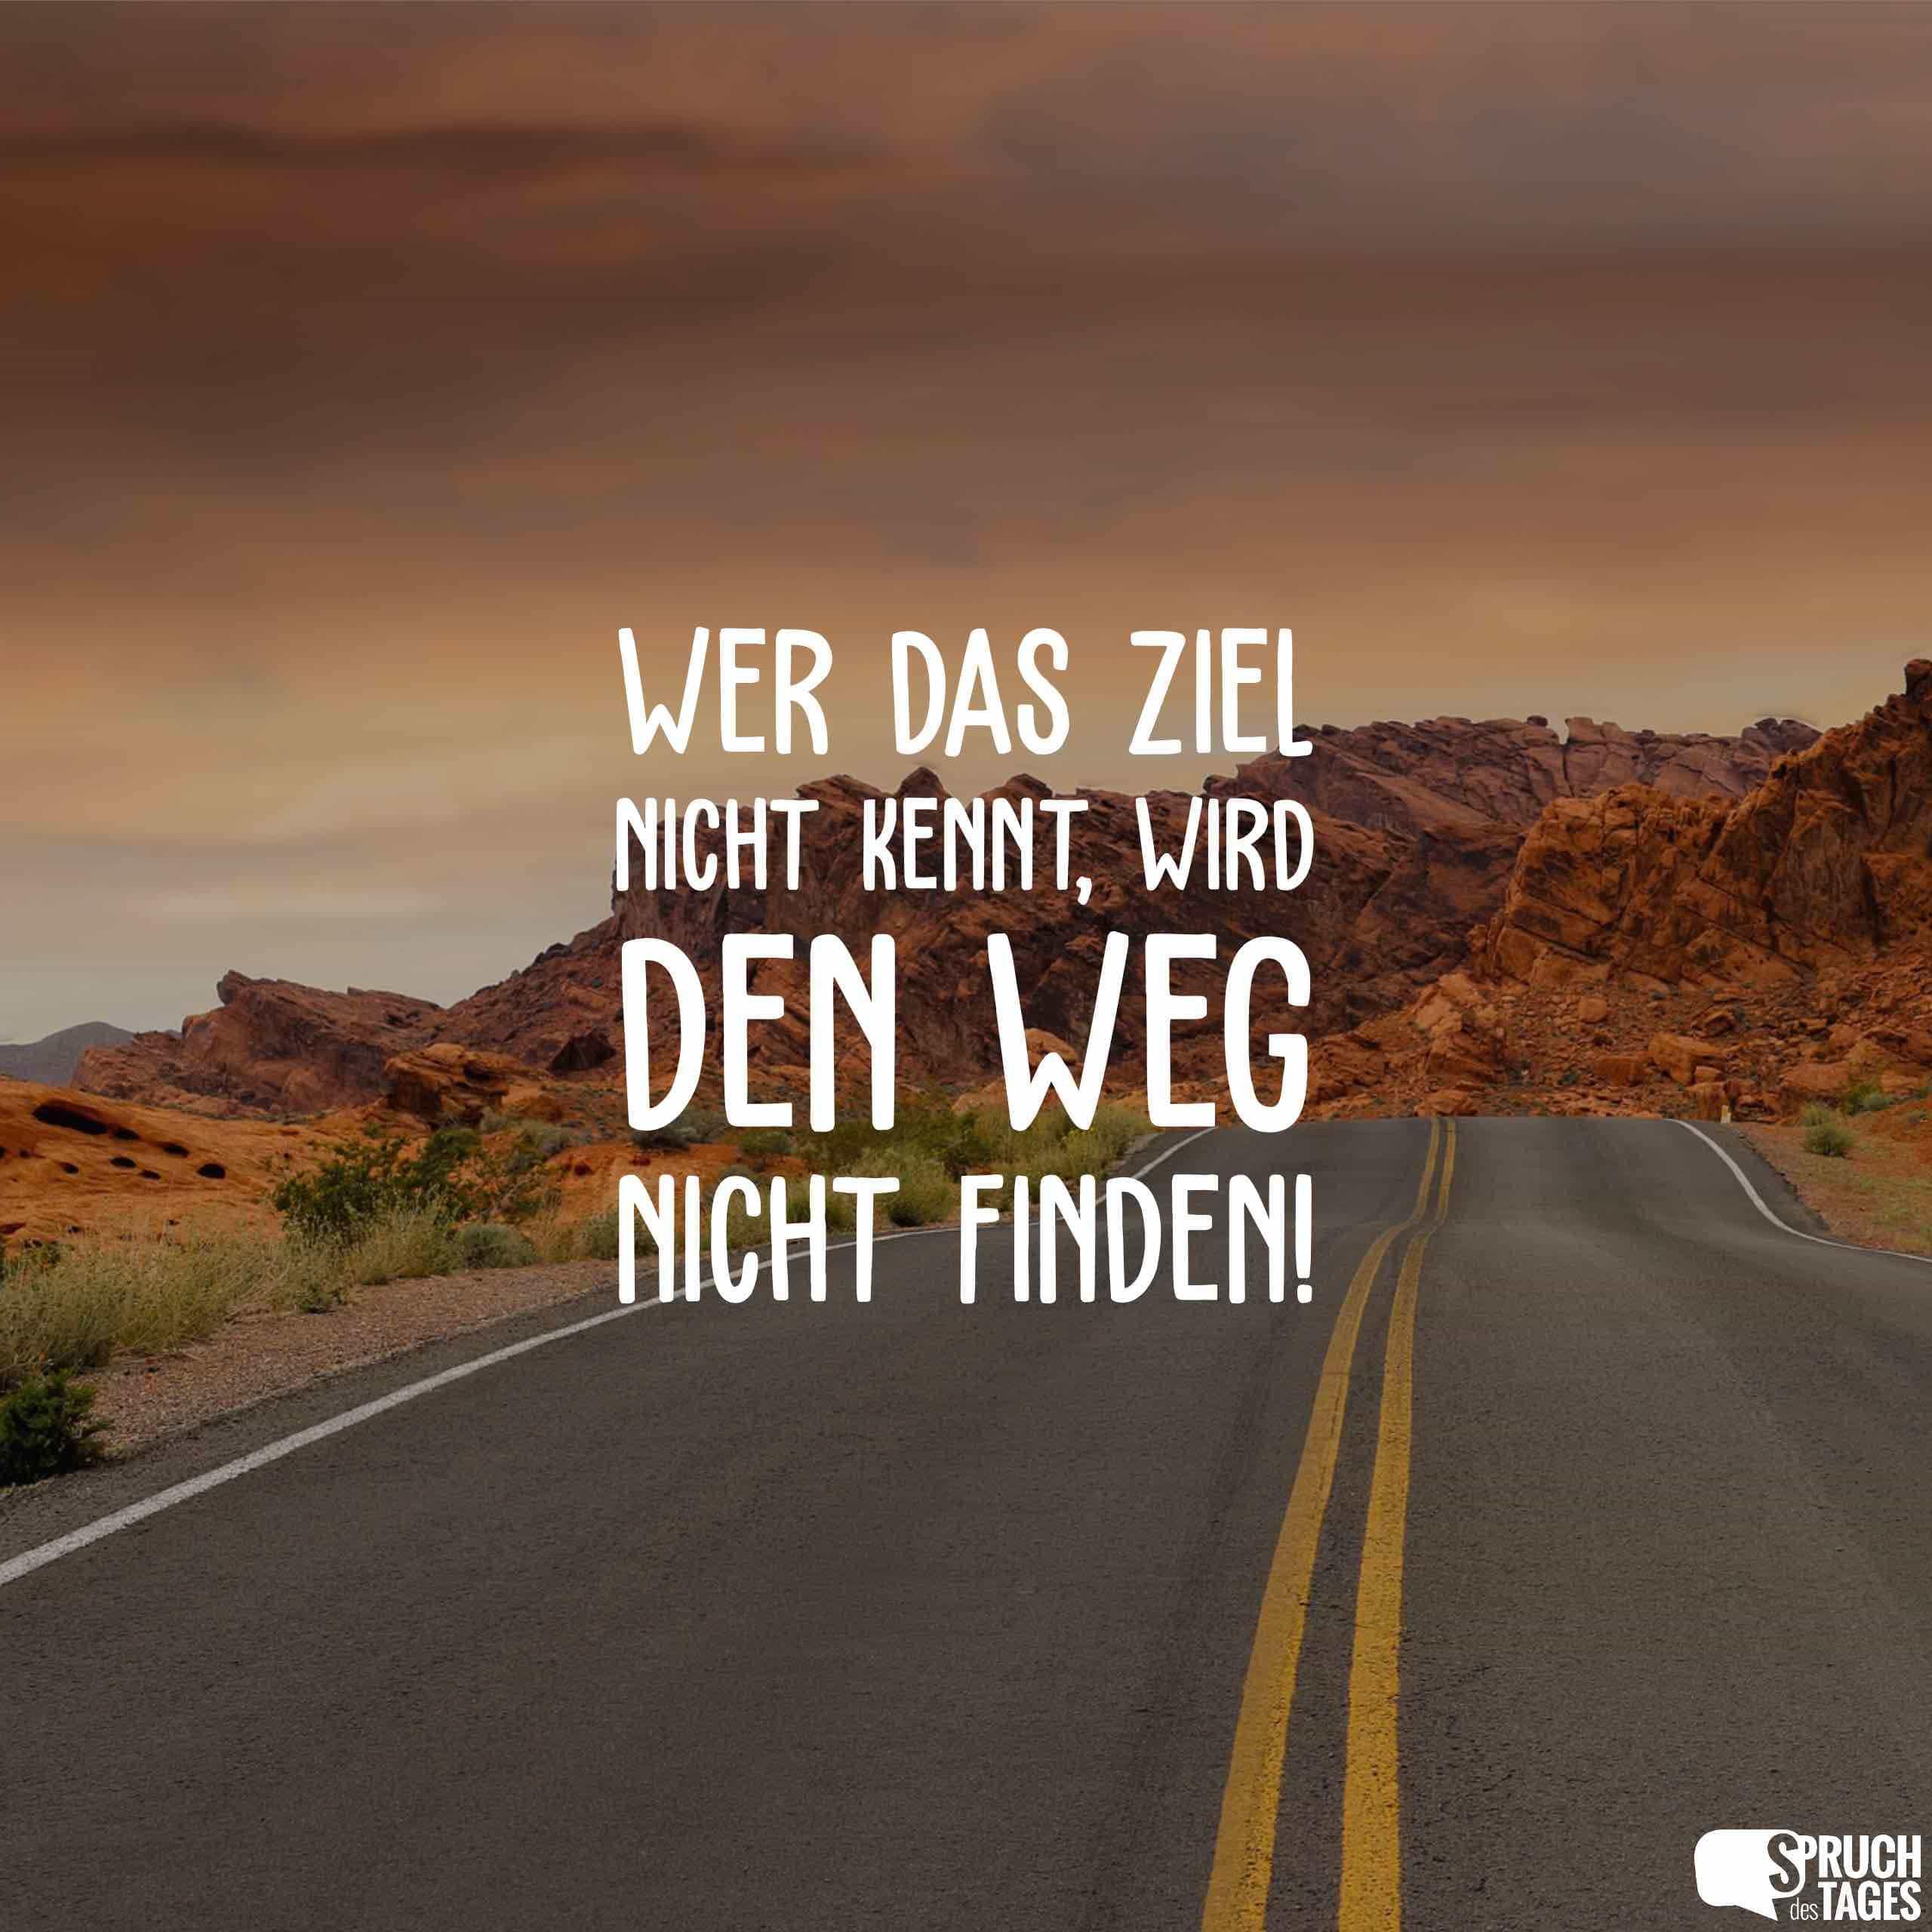 Wer das Ziel nicht kennt, wird den Weg nicht finden!